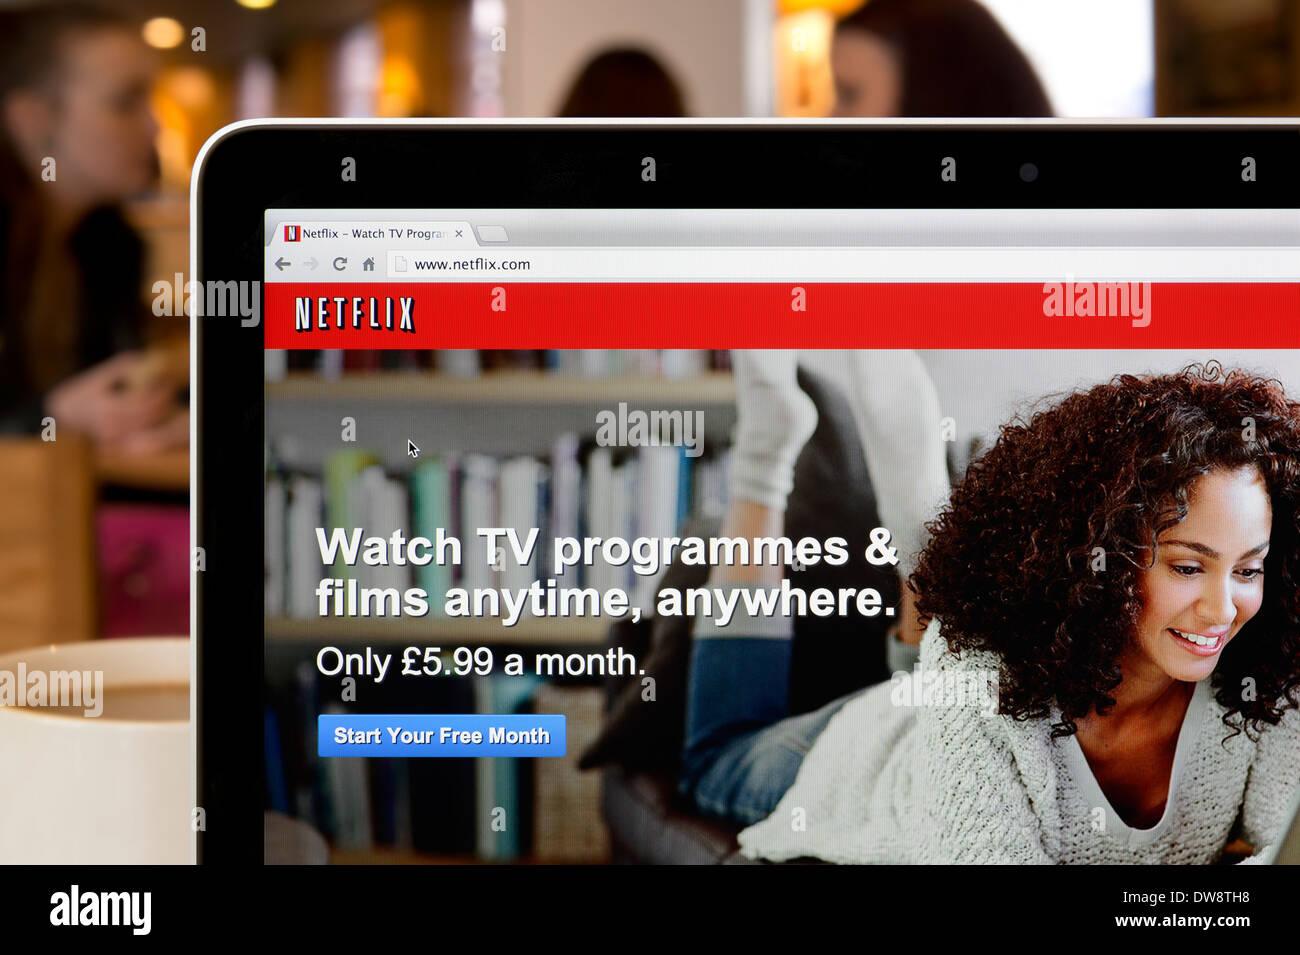 Die Netflix-Website erschossen in einem Coffee-Shop-Umfeld (nur zur redaktionellen Verwendung: print, TV, e-Book und redaktionelle Webseite). Stockbild